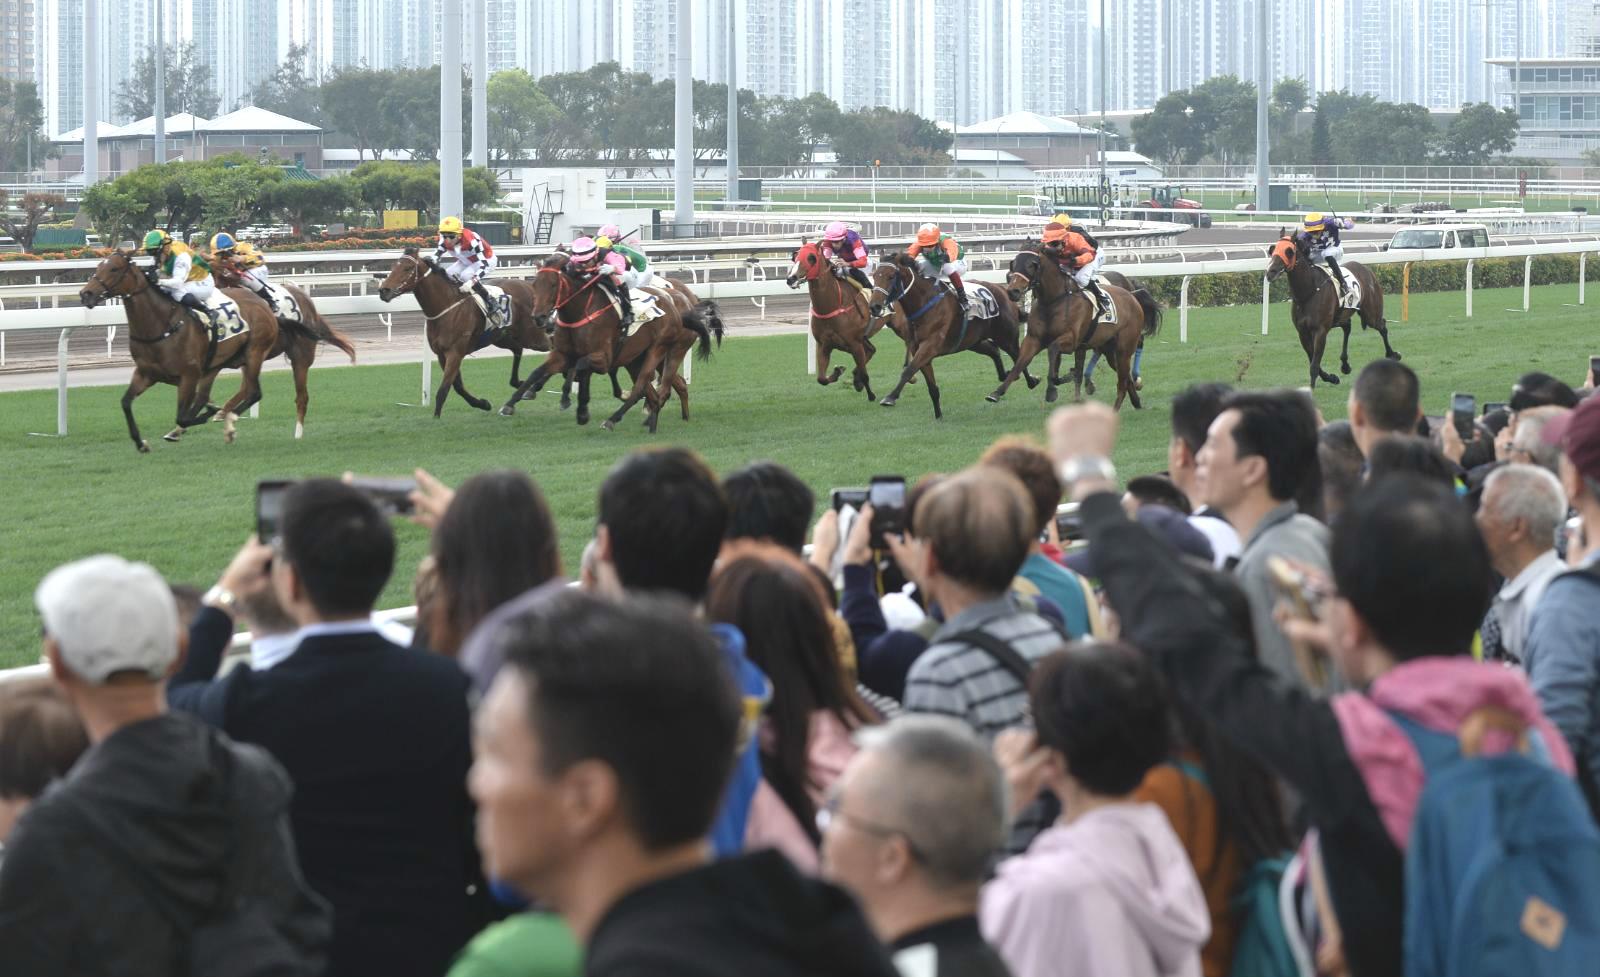 【新冠肺炎】初三赛马如期举行 马会称已制定计划